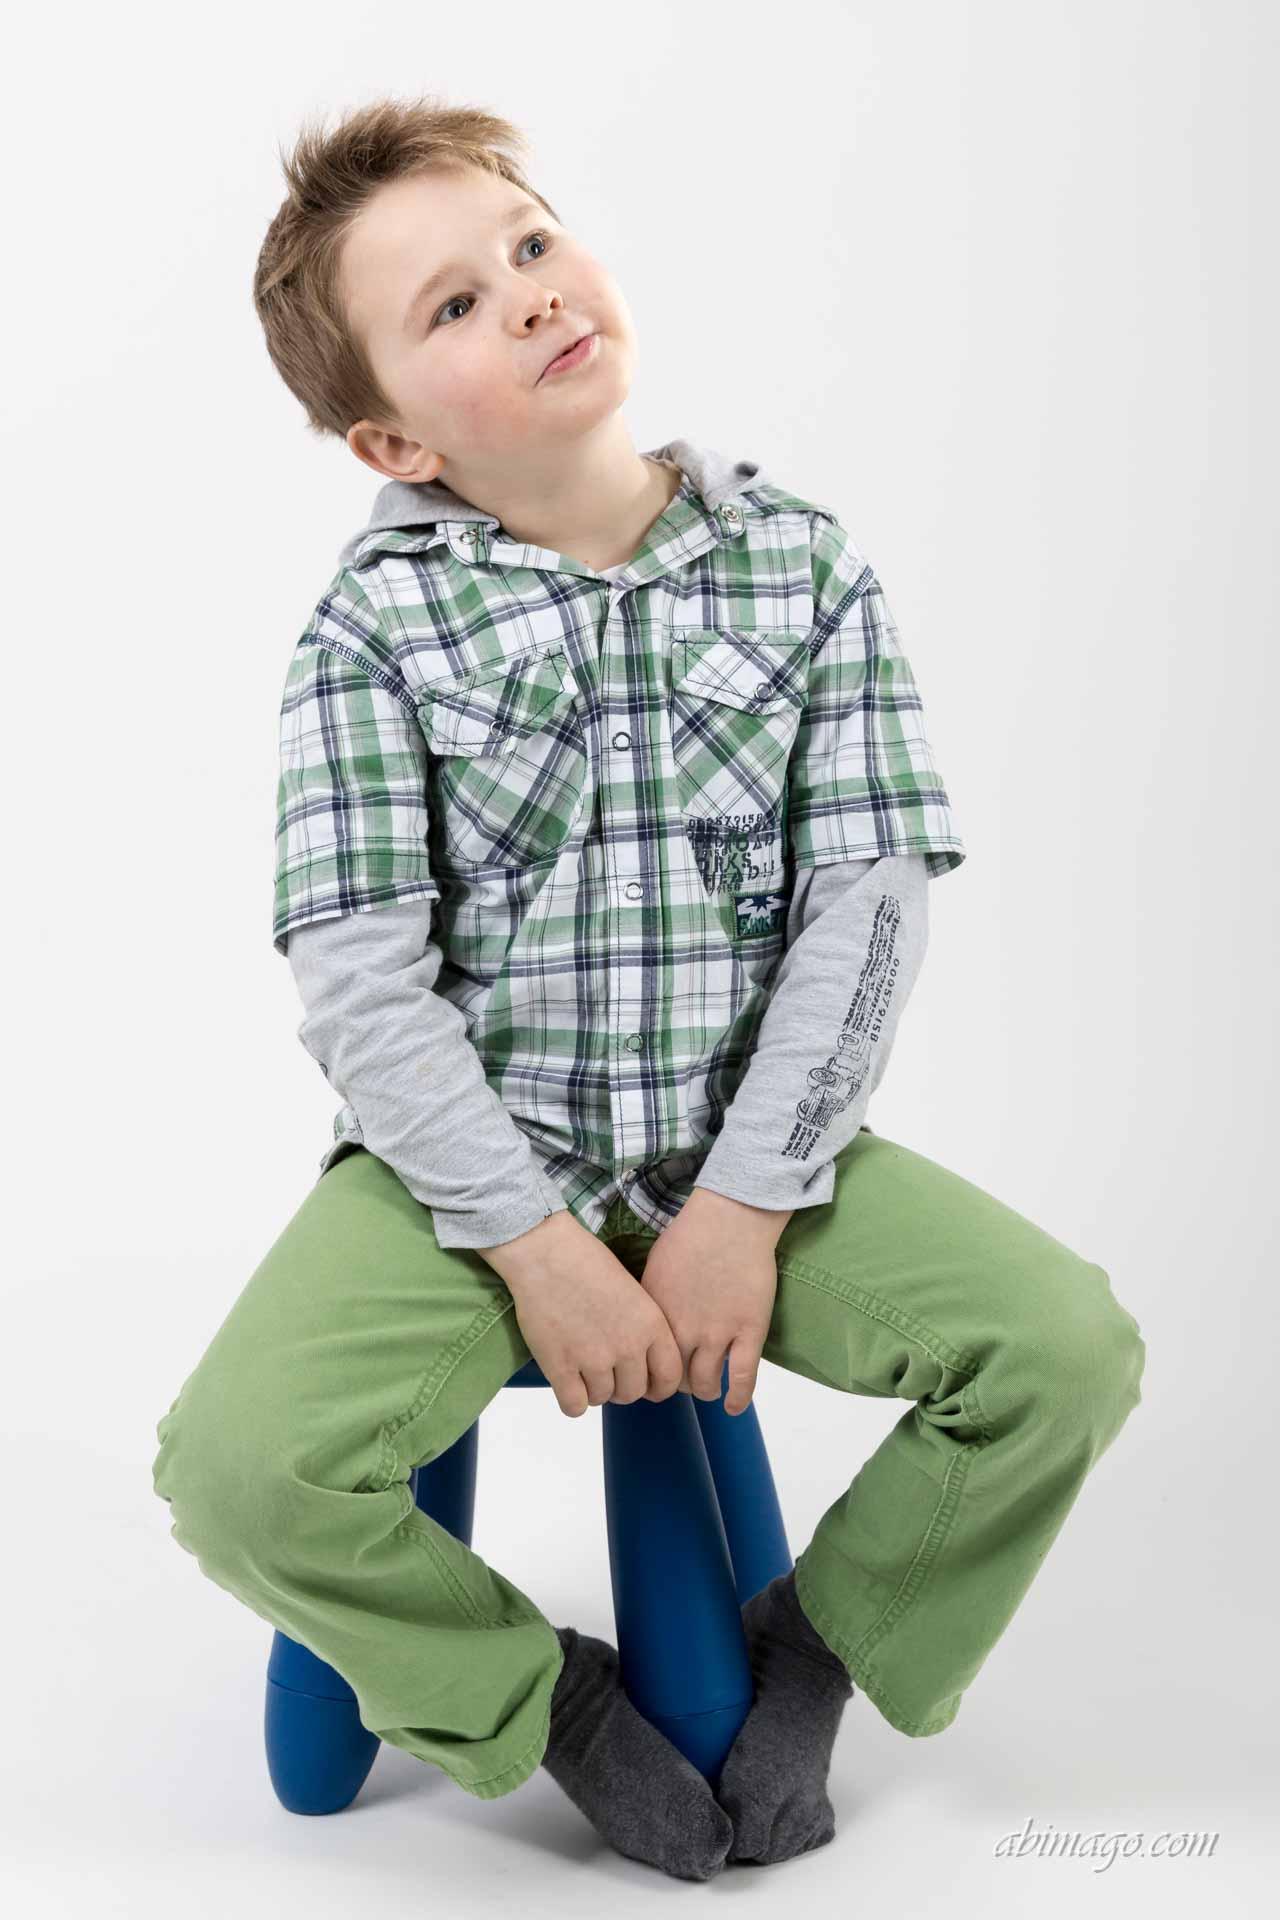 Kindergartenfotograf und Schulfotograf 30